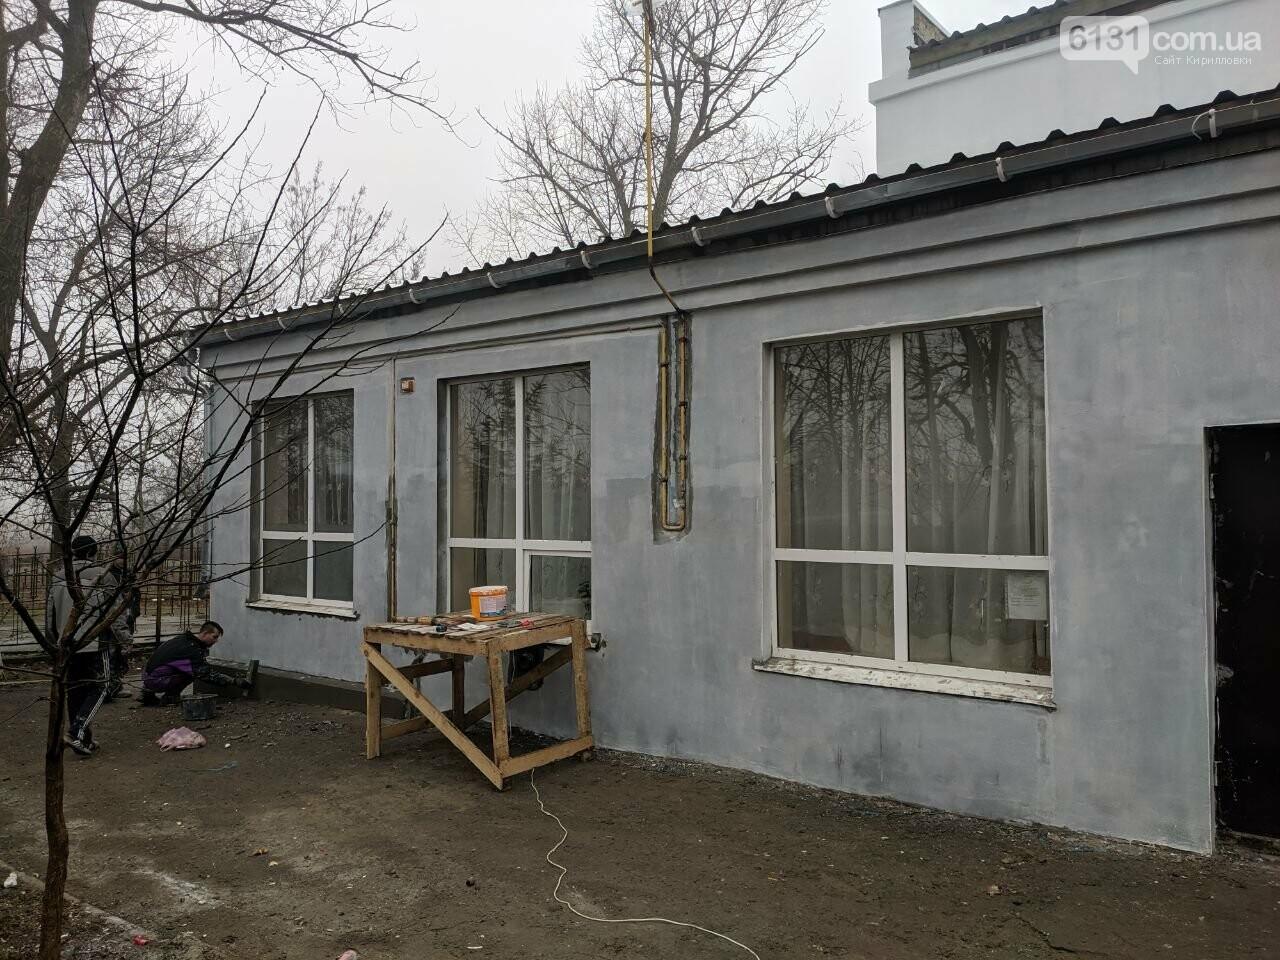 Завершена реконструкция фасадной группы Дома Культуры в поселке Роза, фото-11